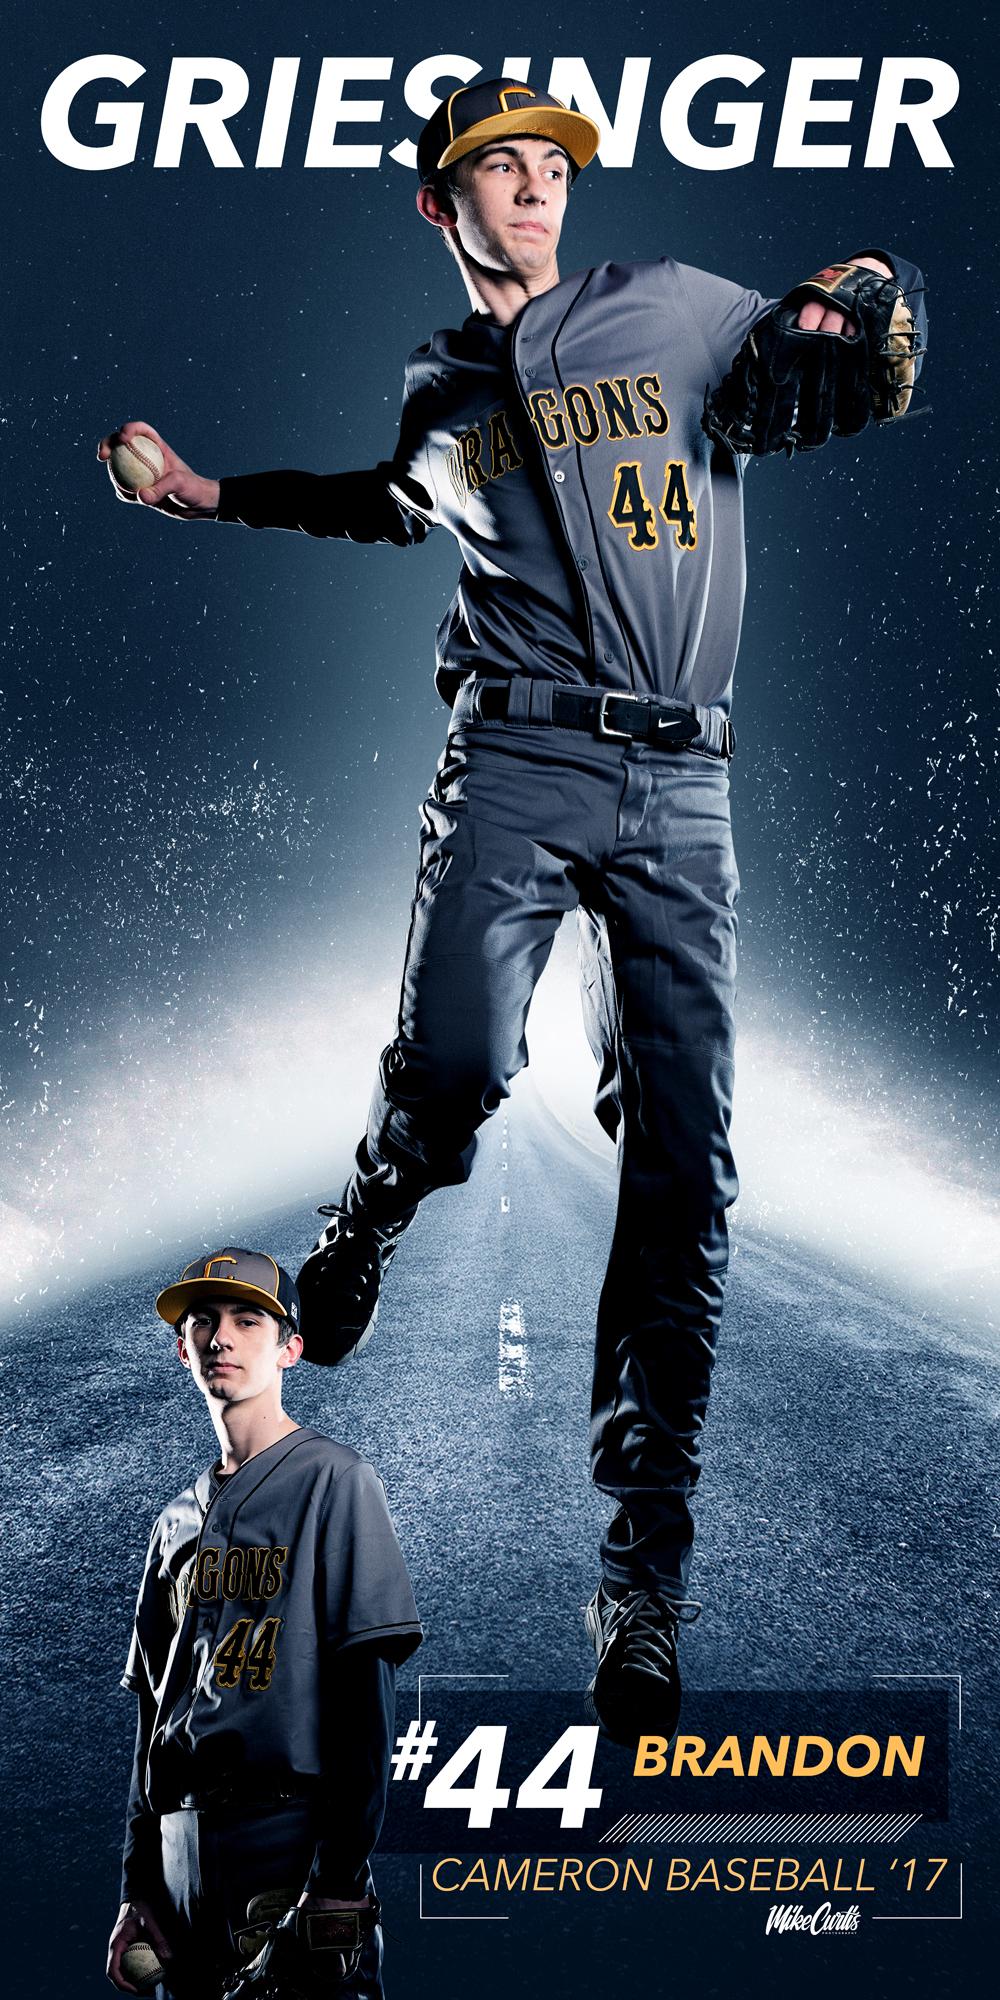 CHS-Baseball-17_Griesinger_2x4-Banner.jpg